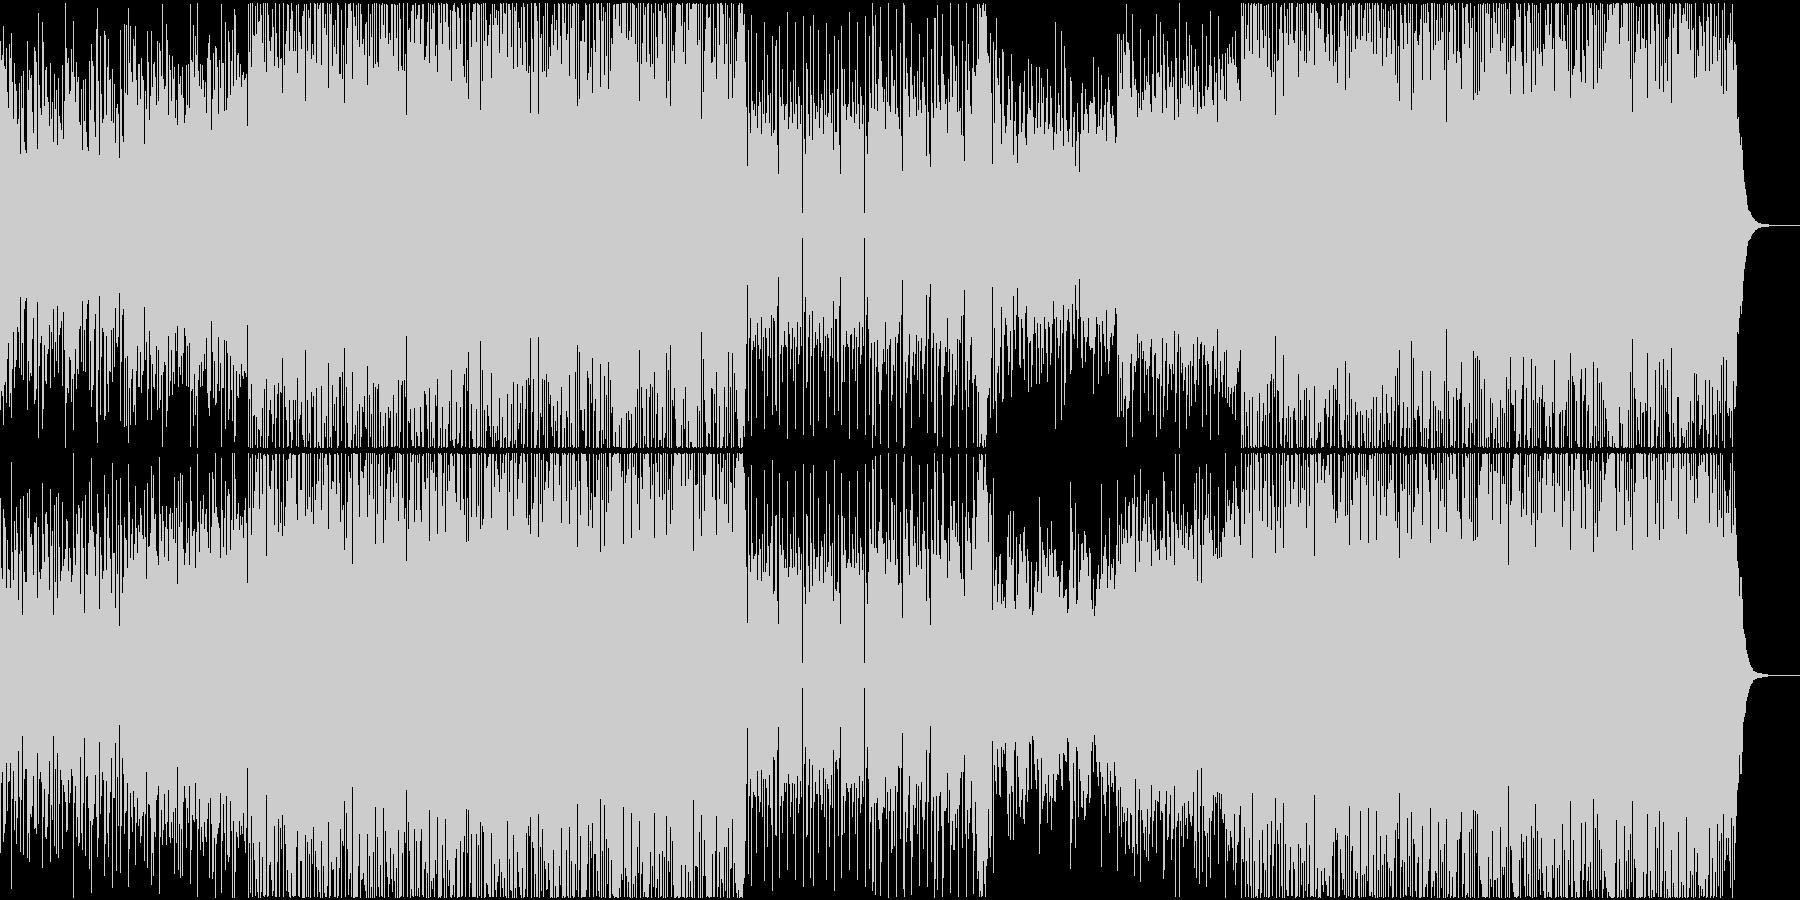 ディスコ 80年代 ポップス ダンスの未再生の波形